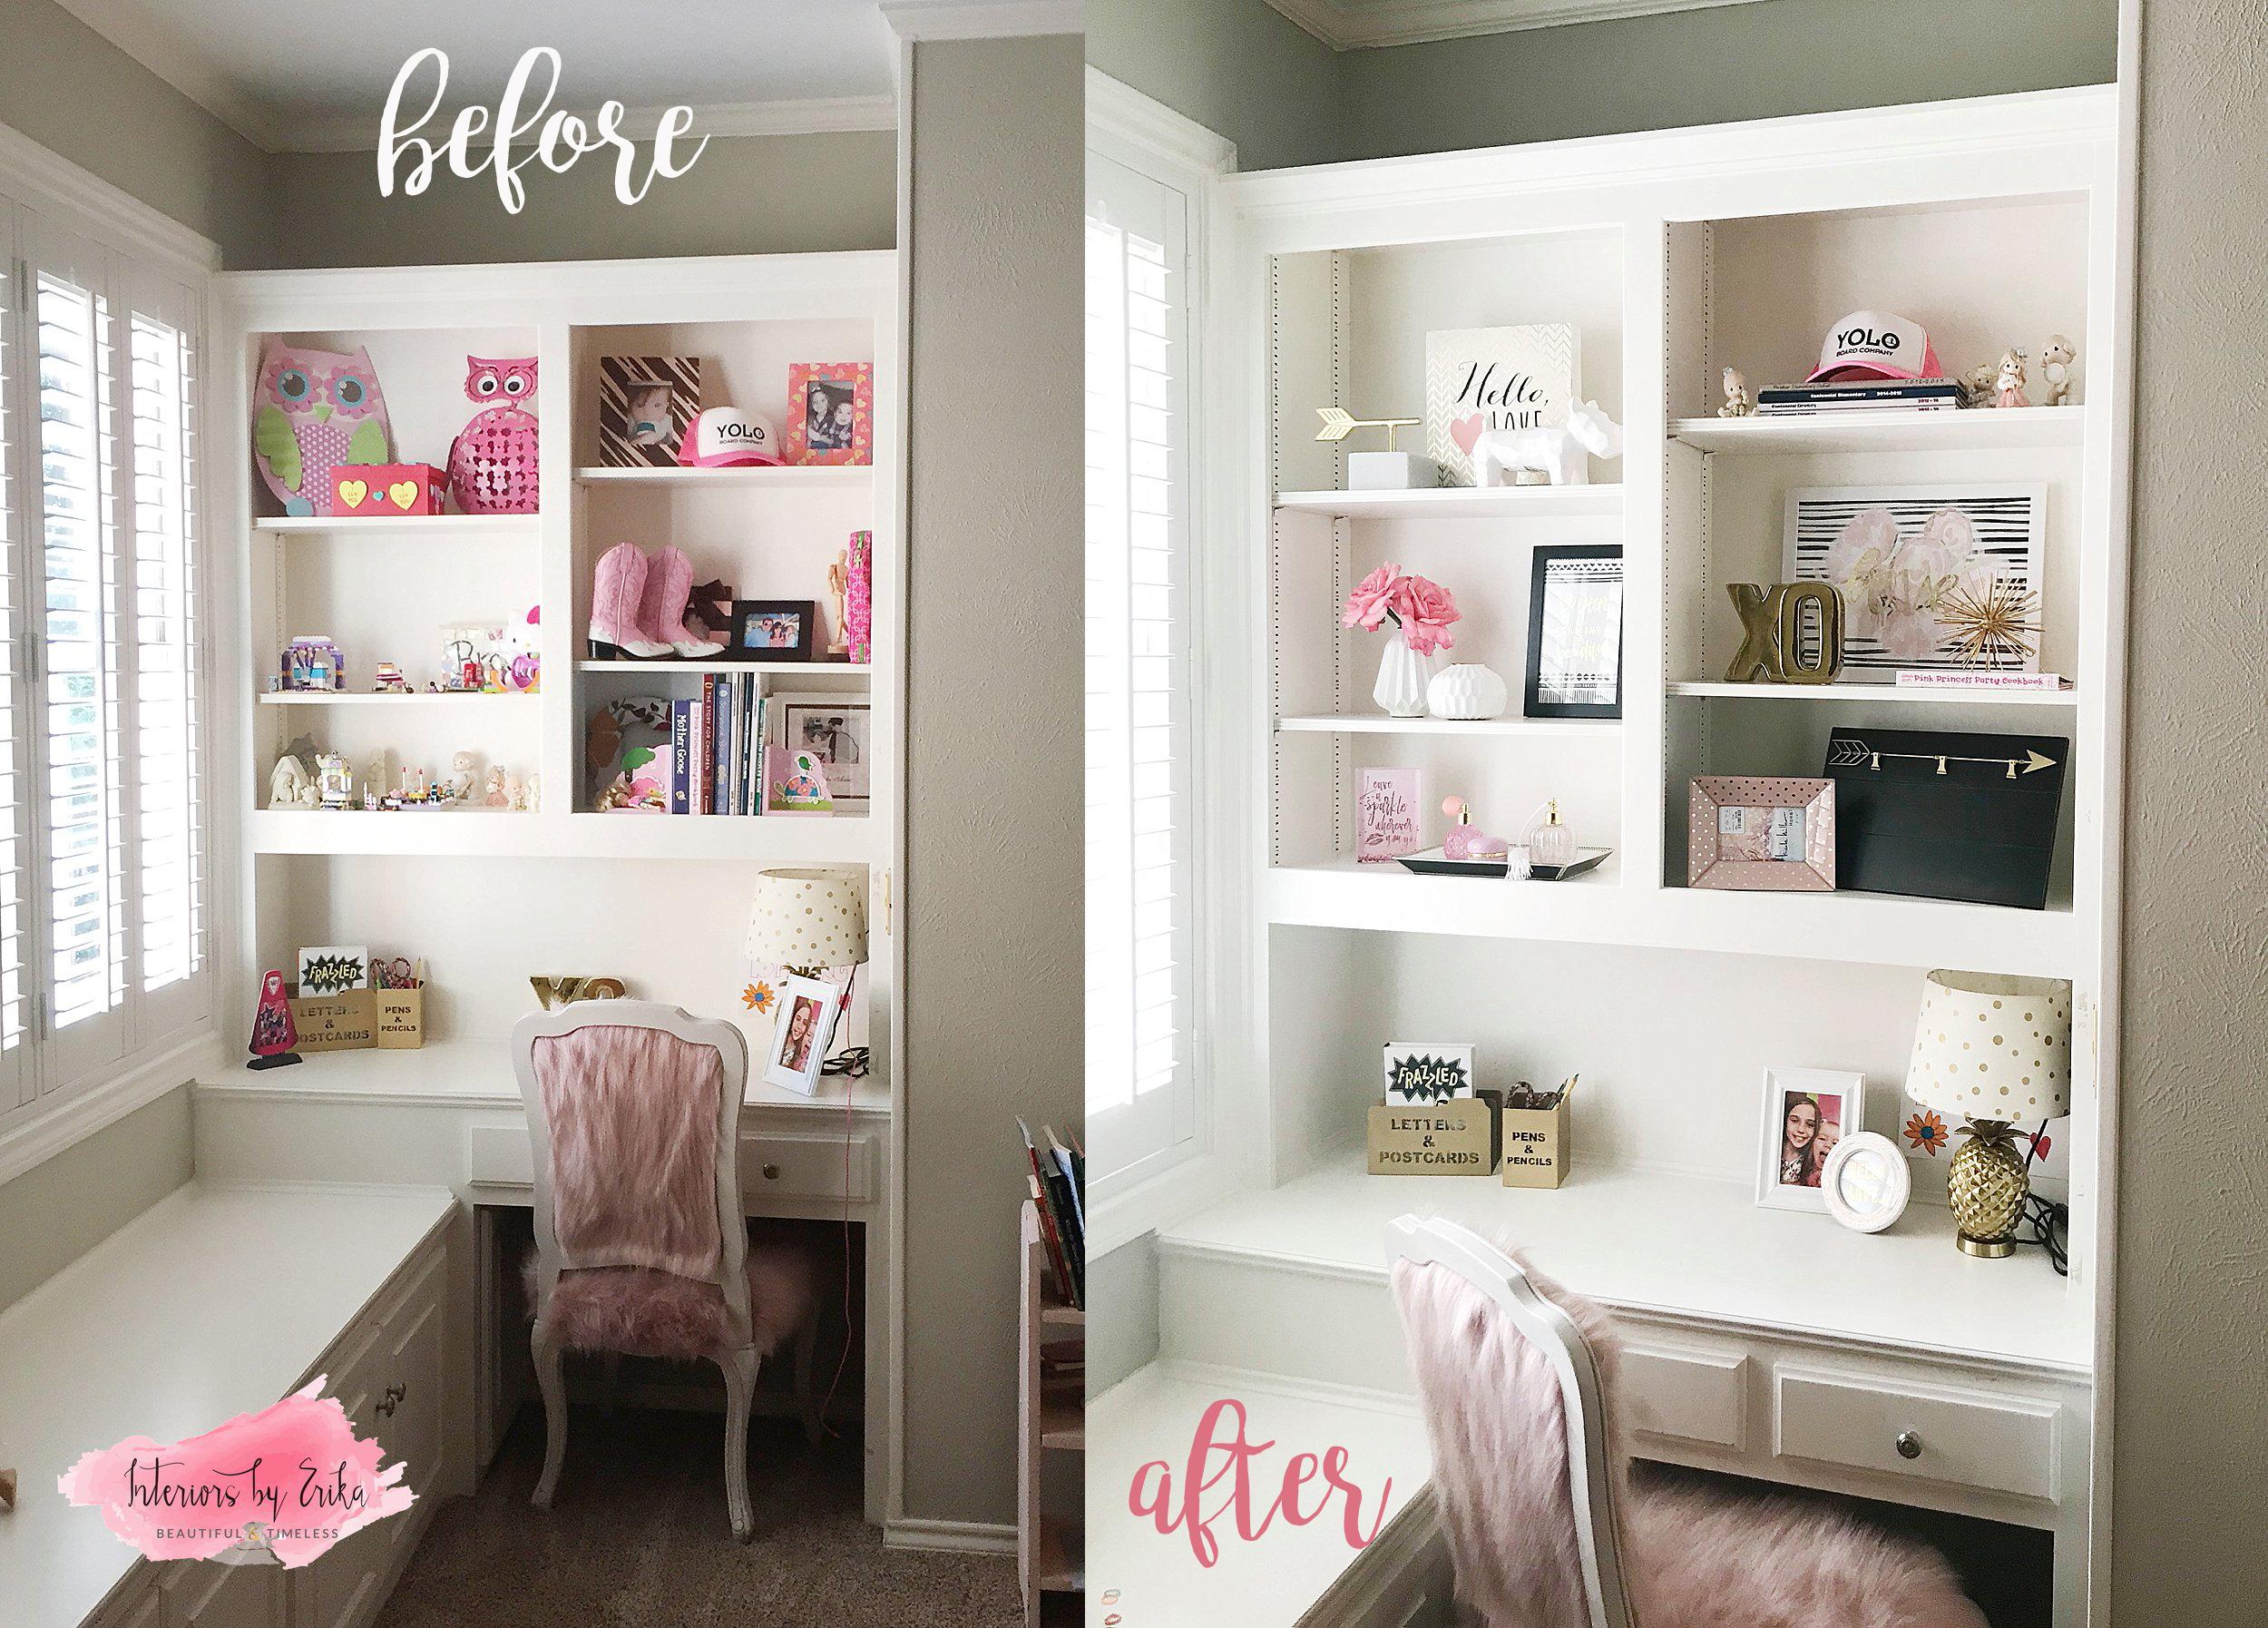 Teen Girl Room Decor_0006beforeafter.jpg